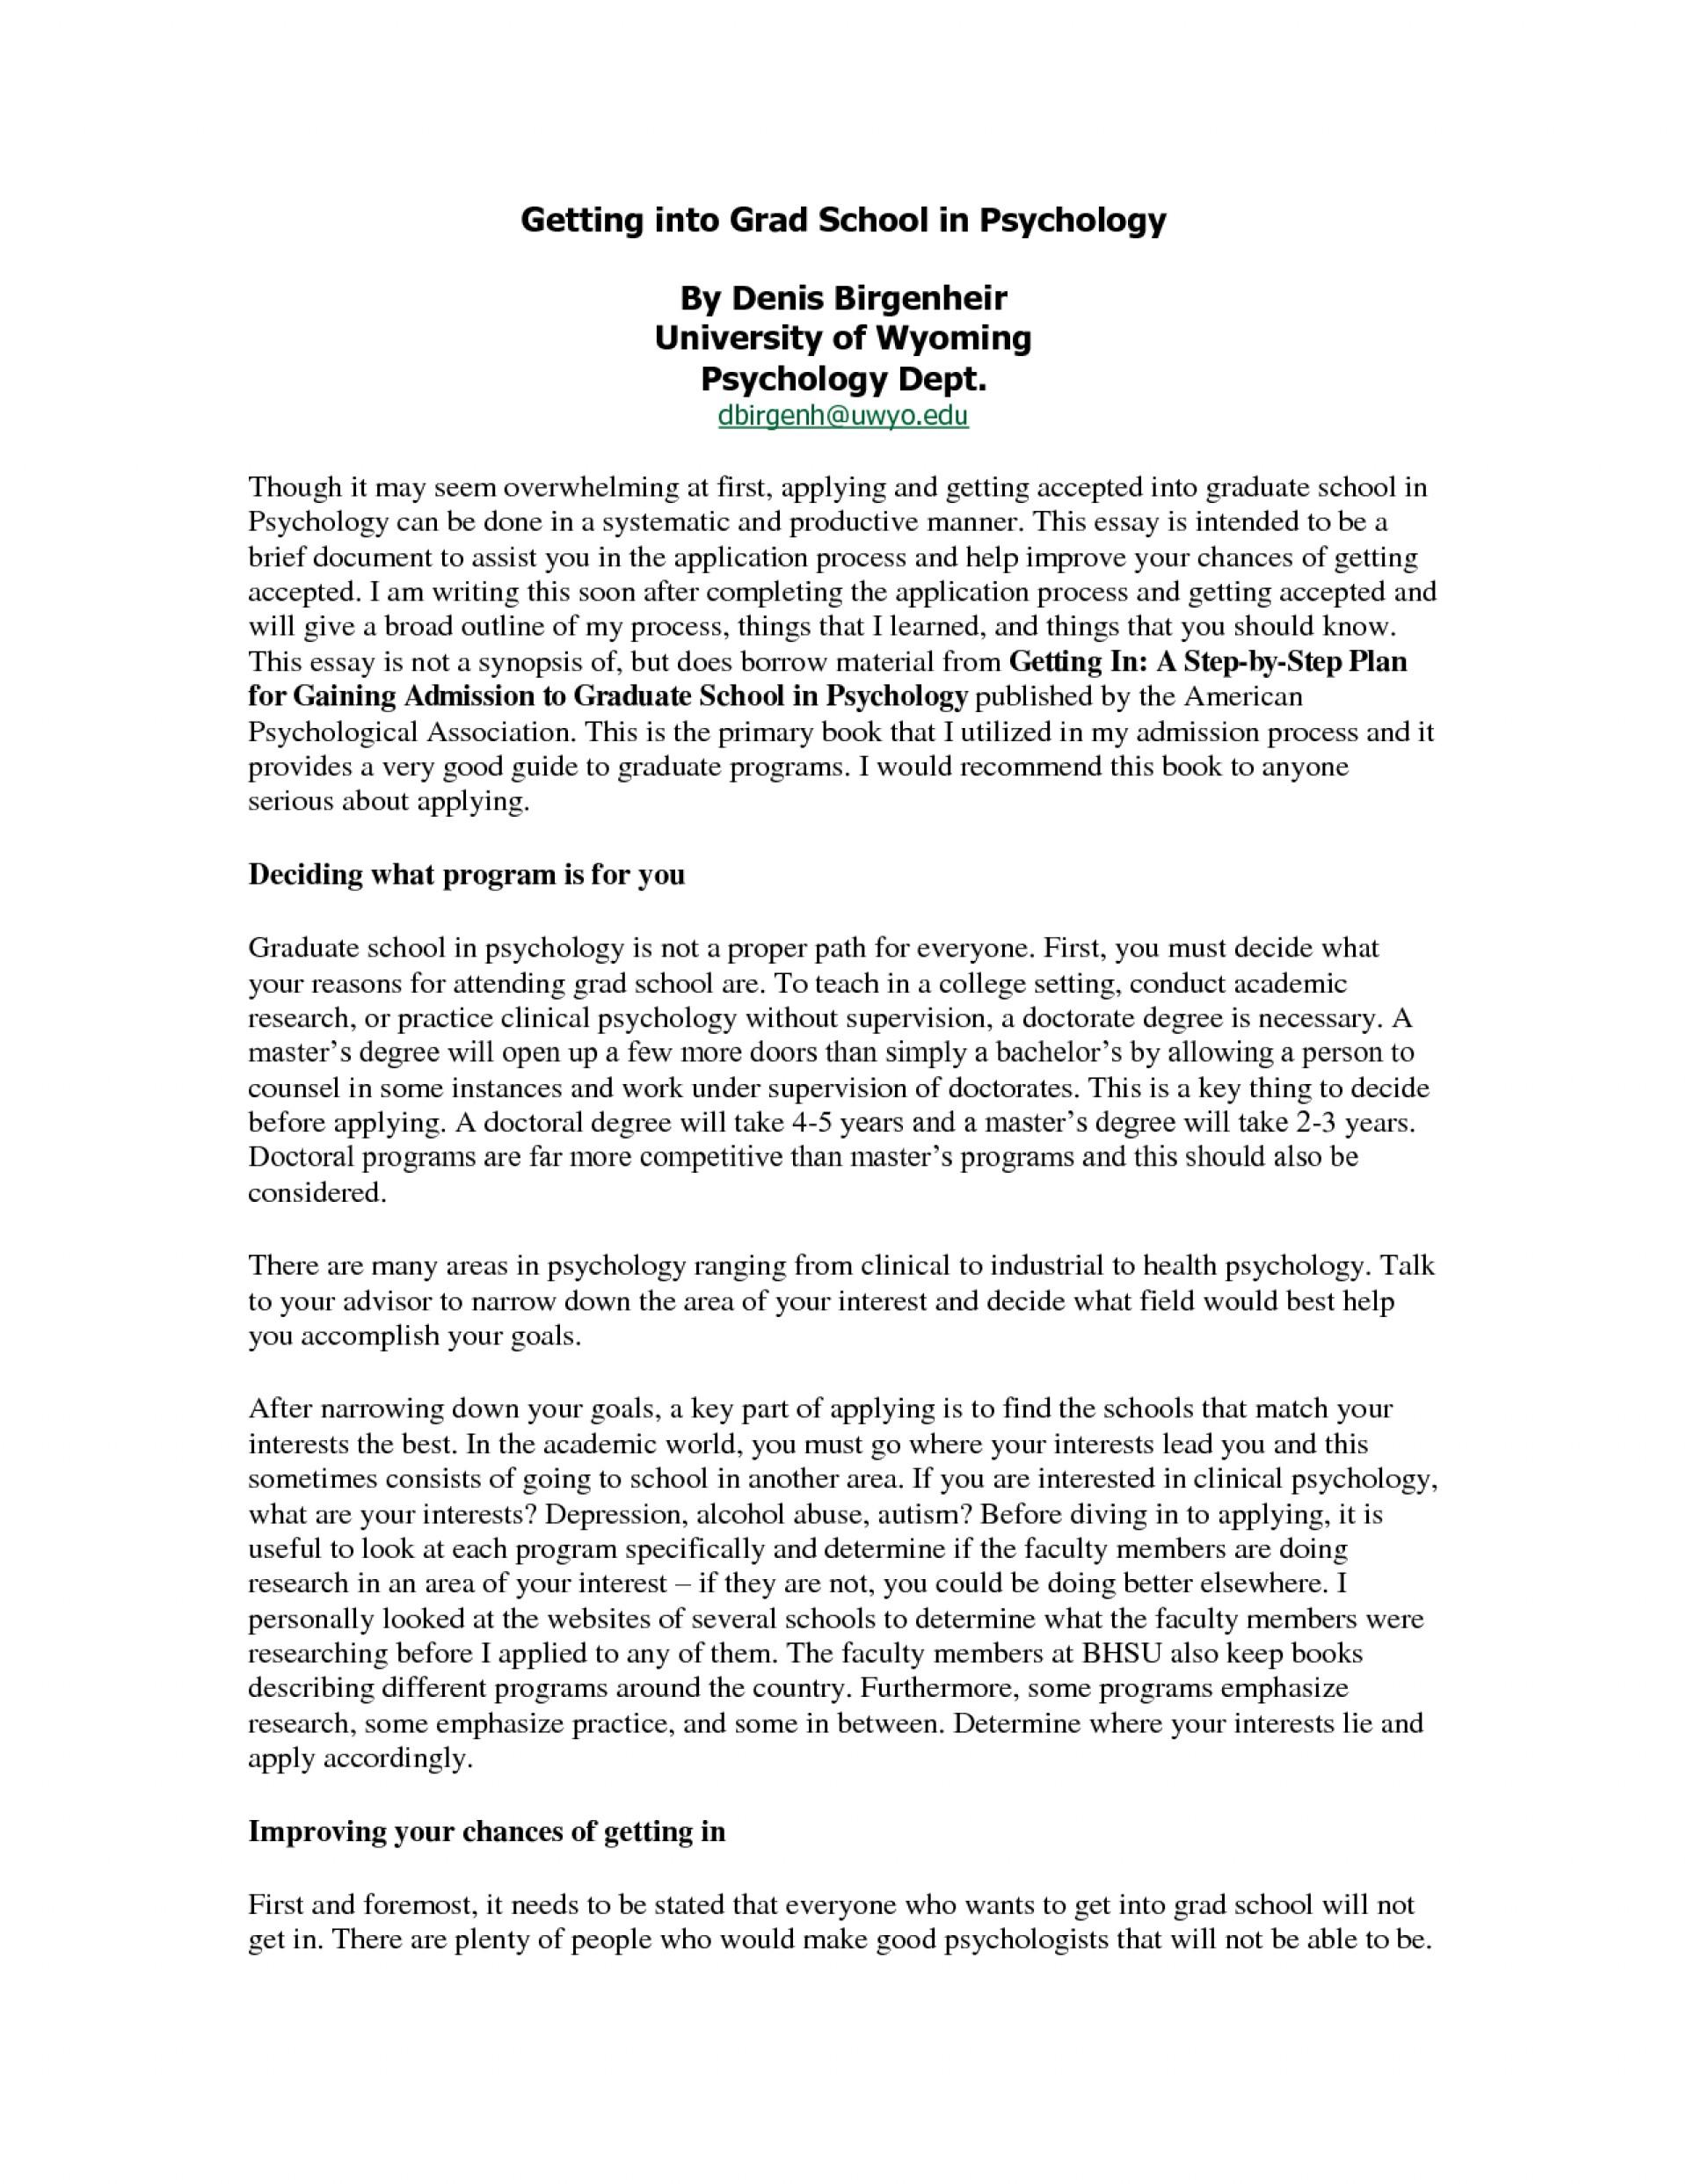 006 Duoejisf7u Essay Example Free Sample For Graduate School Formidable Admission Pdf 1920